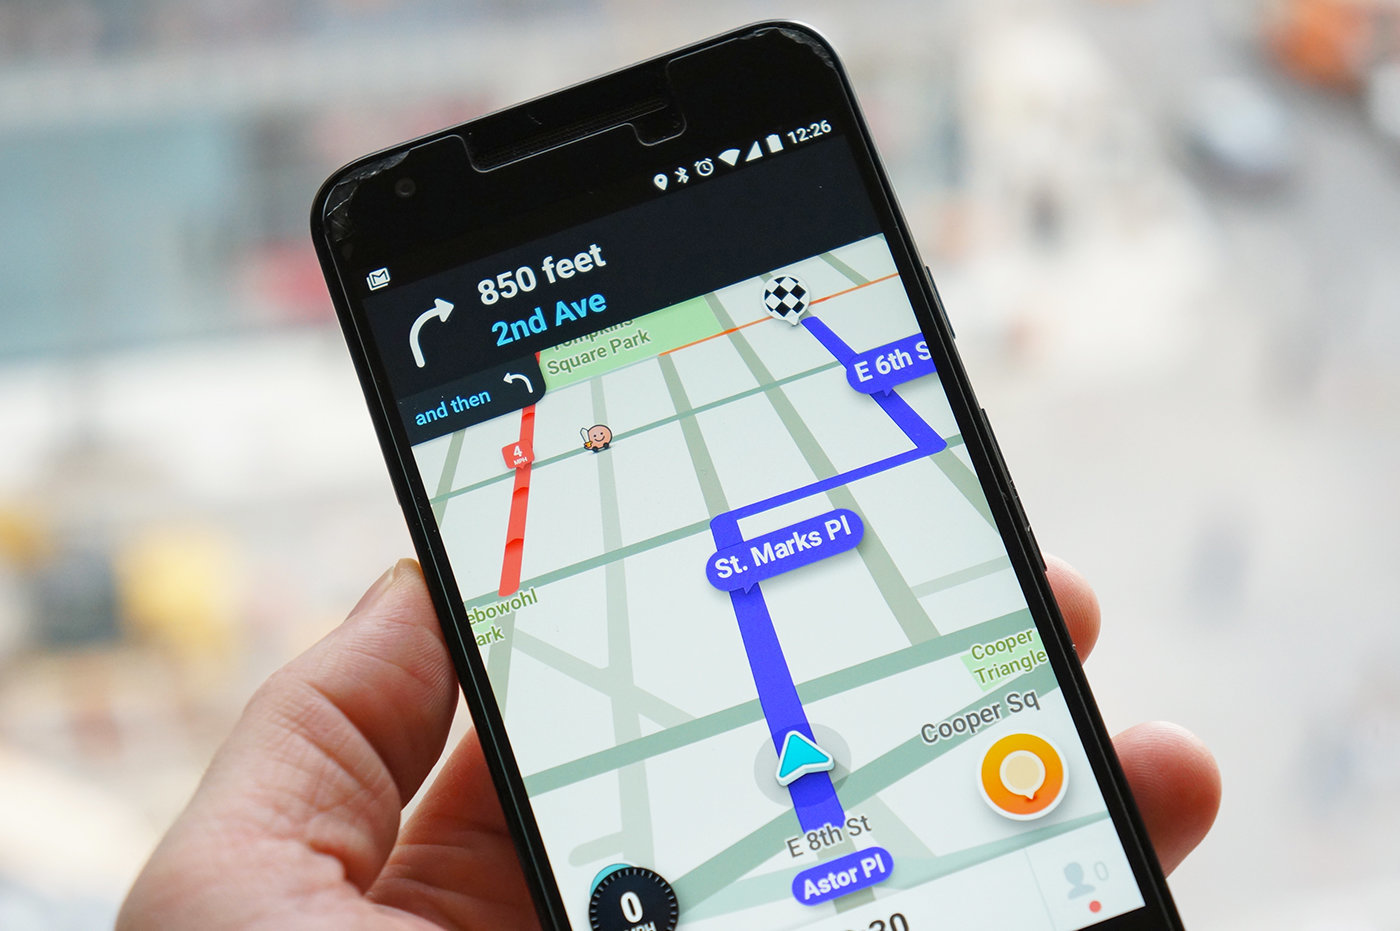 Aplikacja Waze z funkcją nawigacji drogowej na celowniku policji